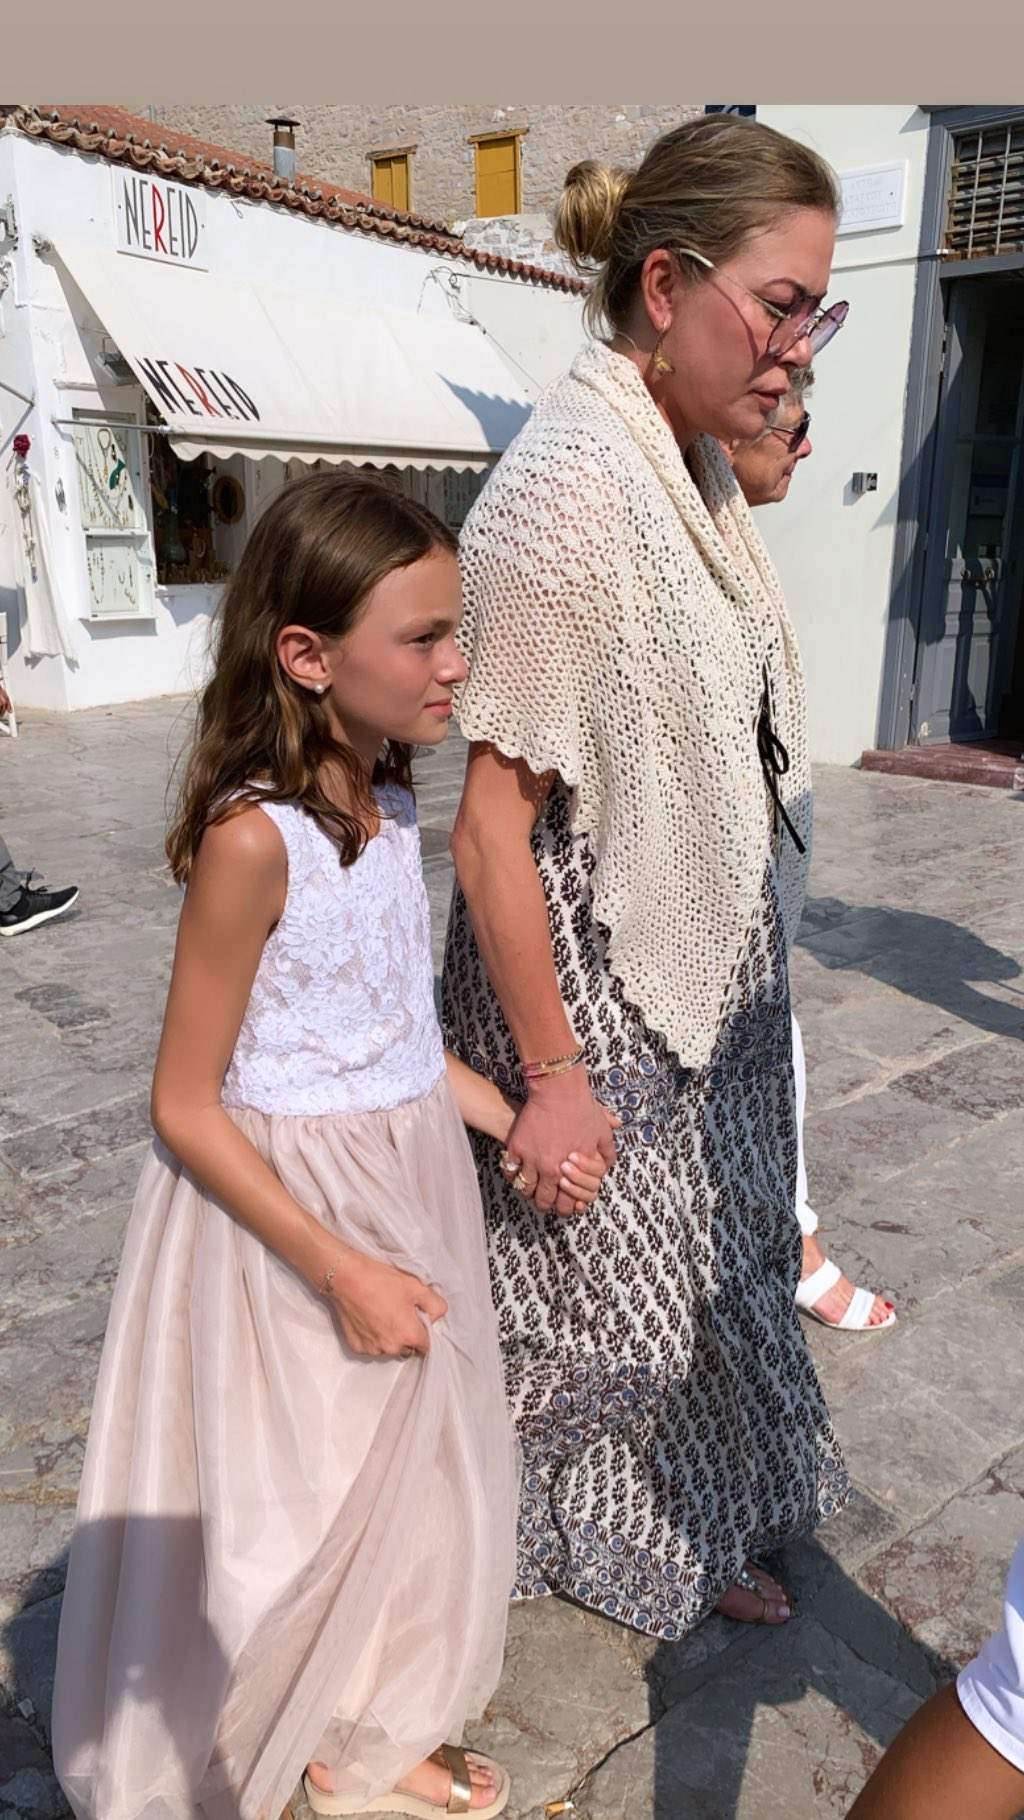 Η Μελίνα Πασχαλίδου με την Μελίσσα Βαρδινογιάννη στη βάπτιση